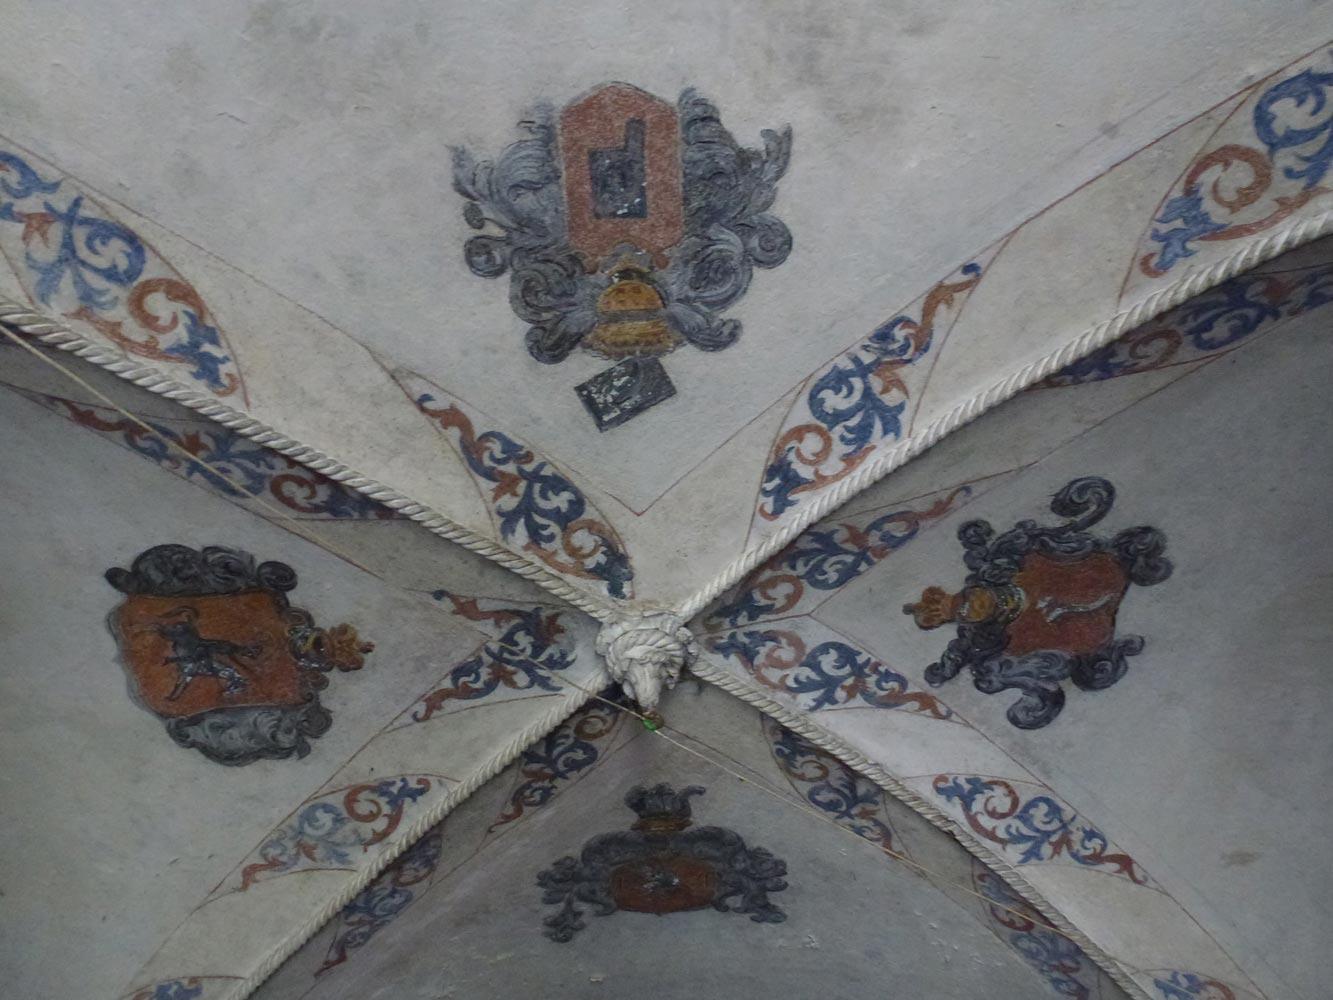 Herby na suficie sieni - Zamek w Zatorze